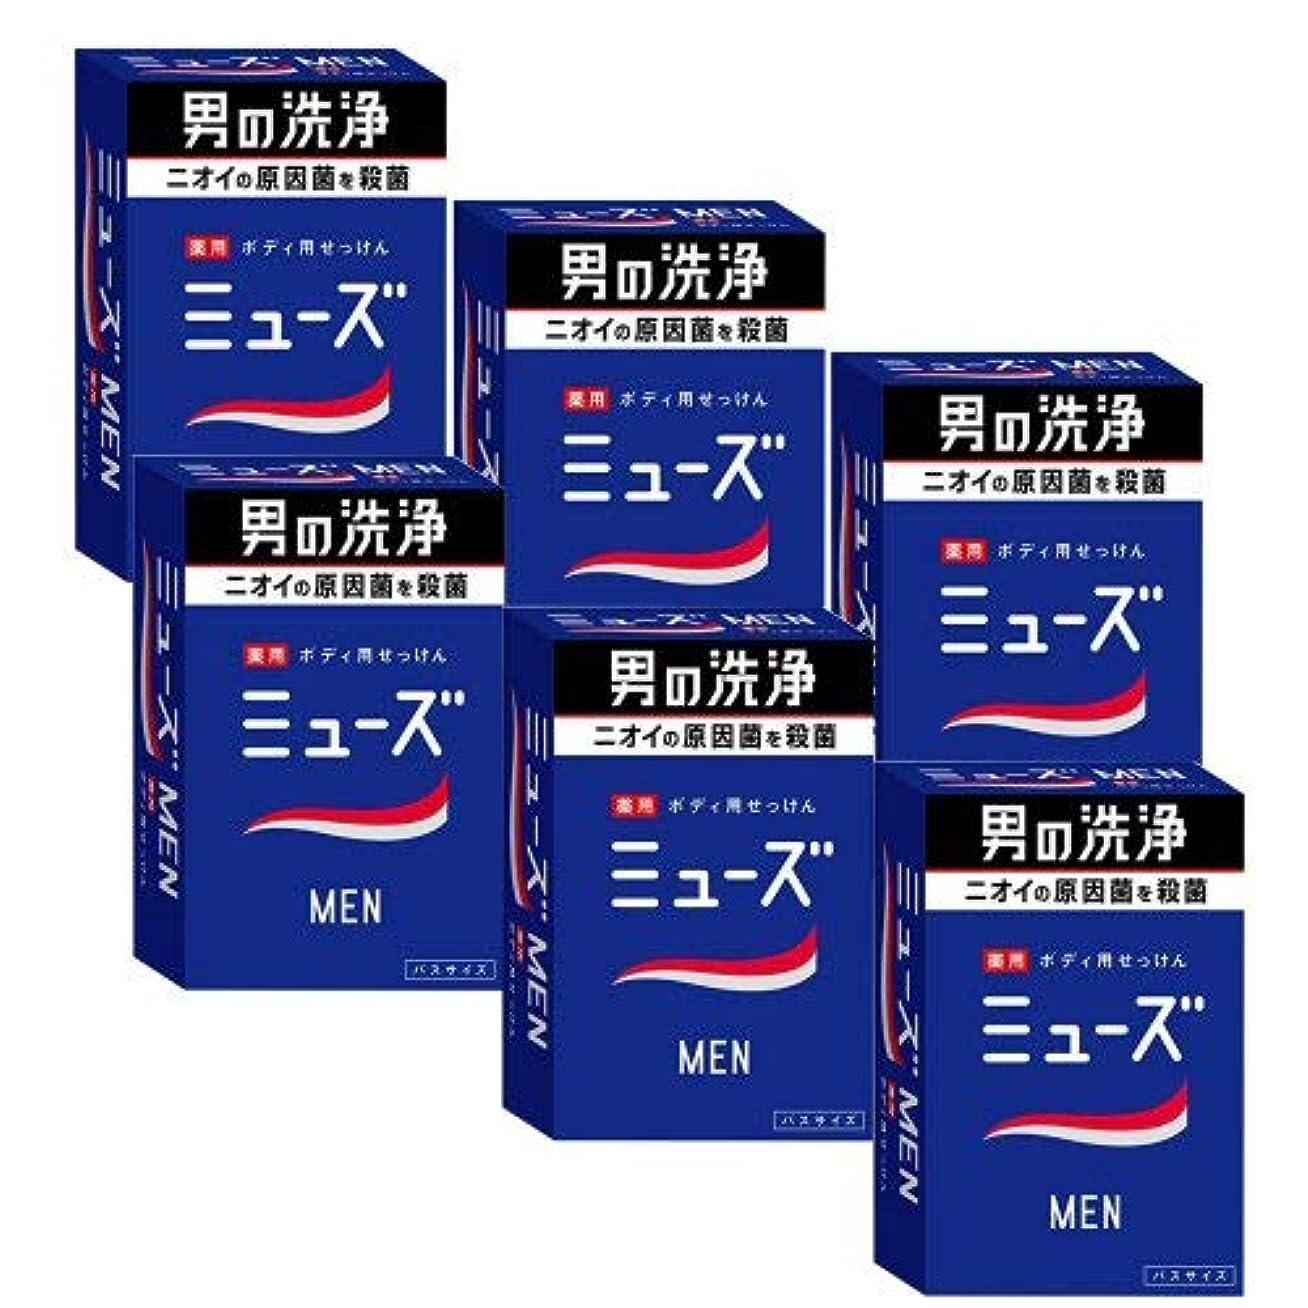 変色する周術期ウィスキーミューズメン薬用石鹸 135g×6個セット